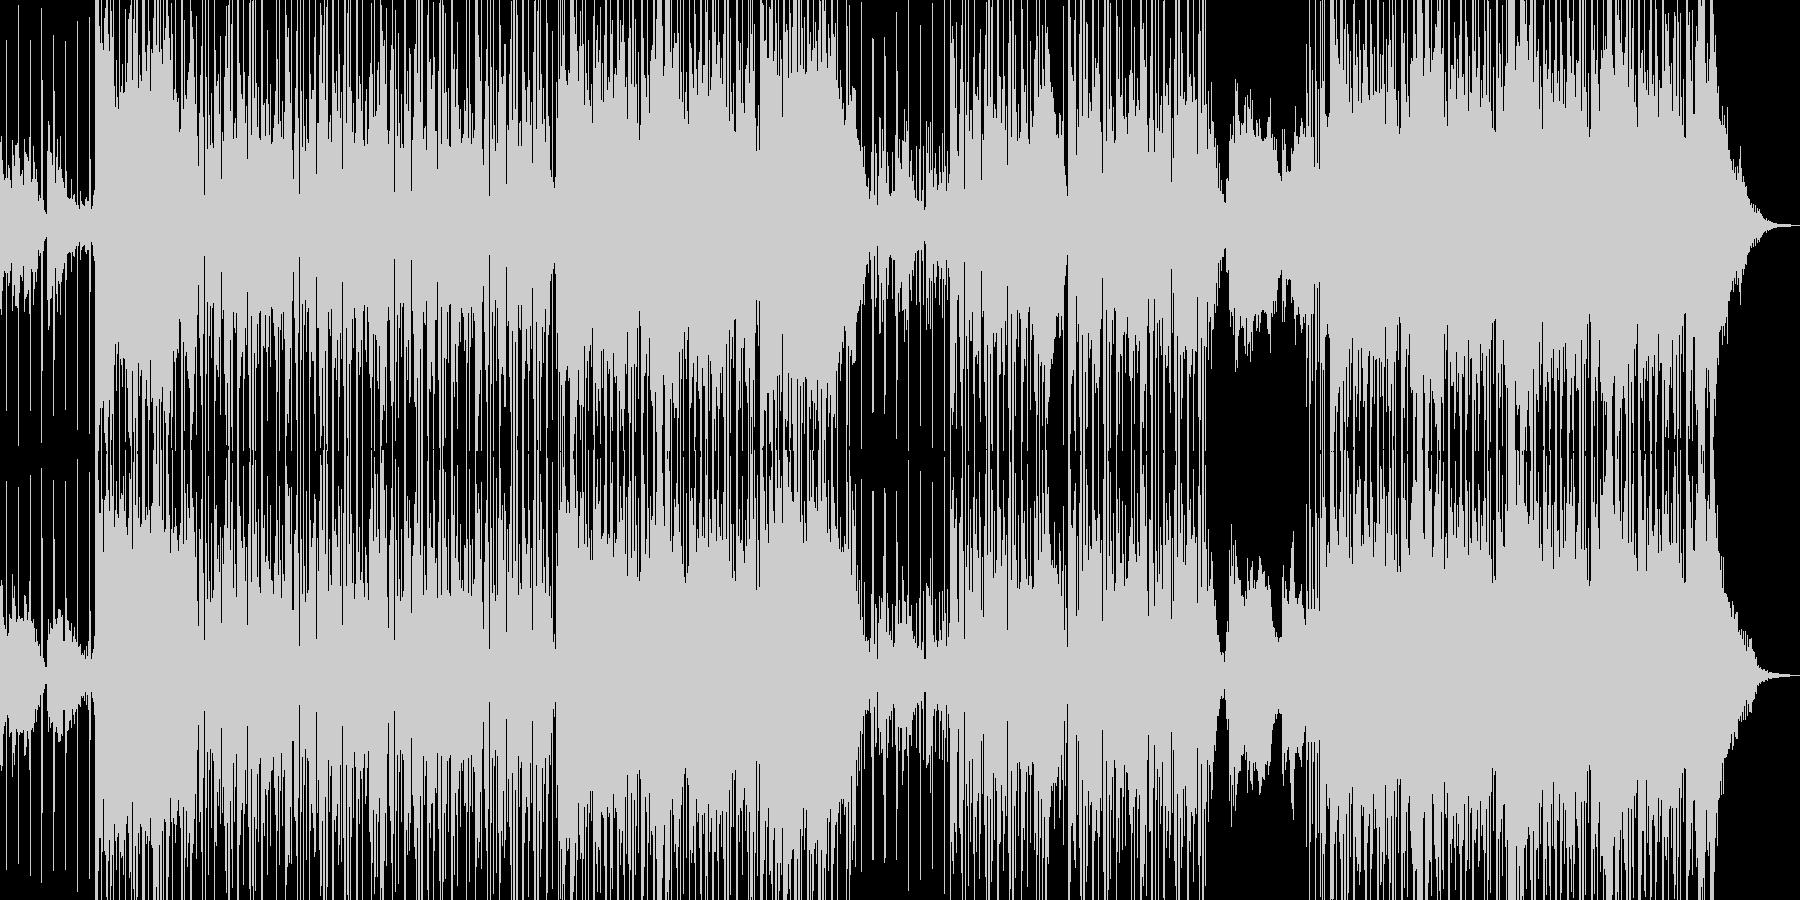 オシャレ切ないR&Bの未再生の波形